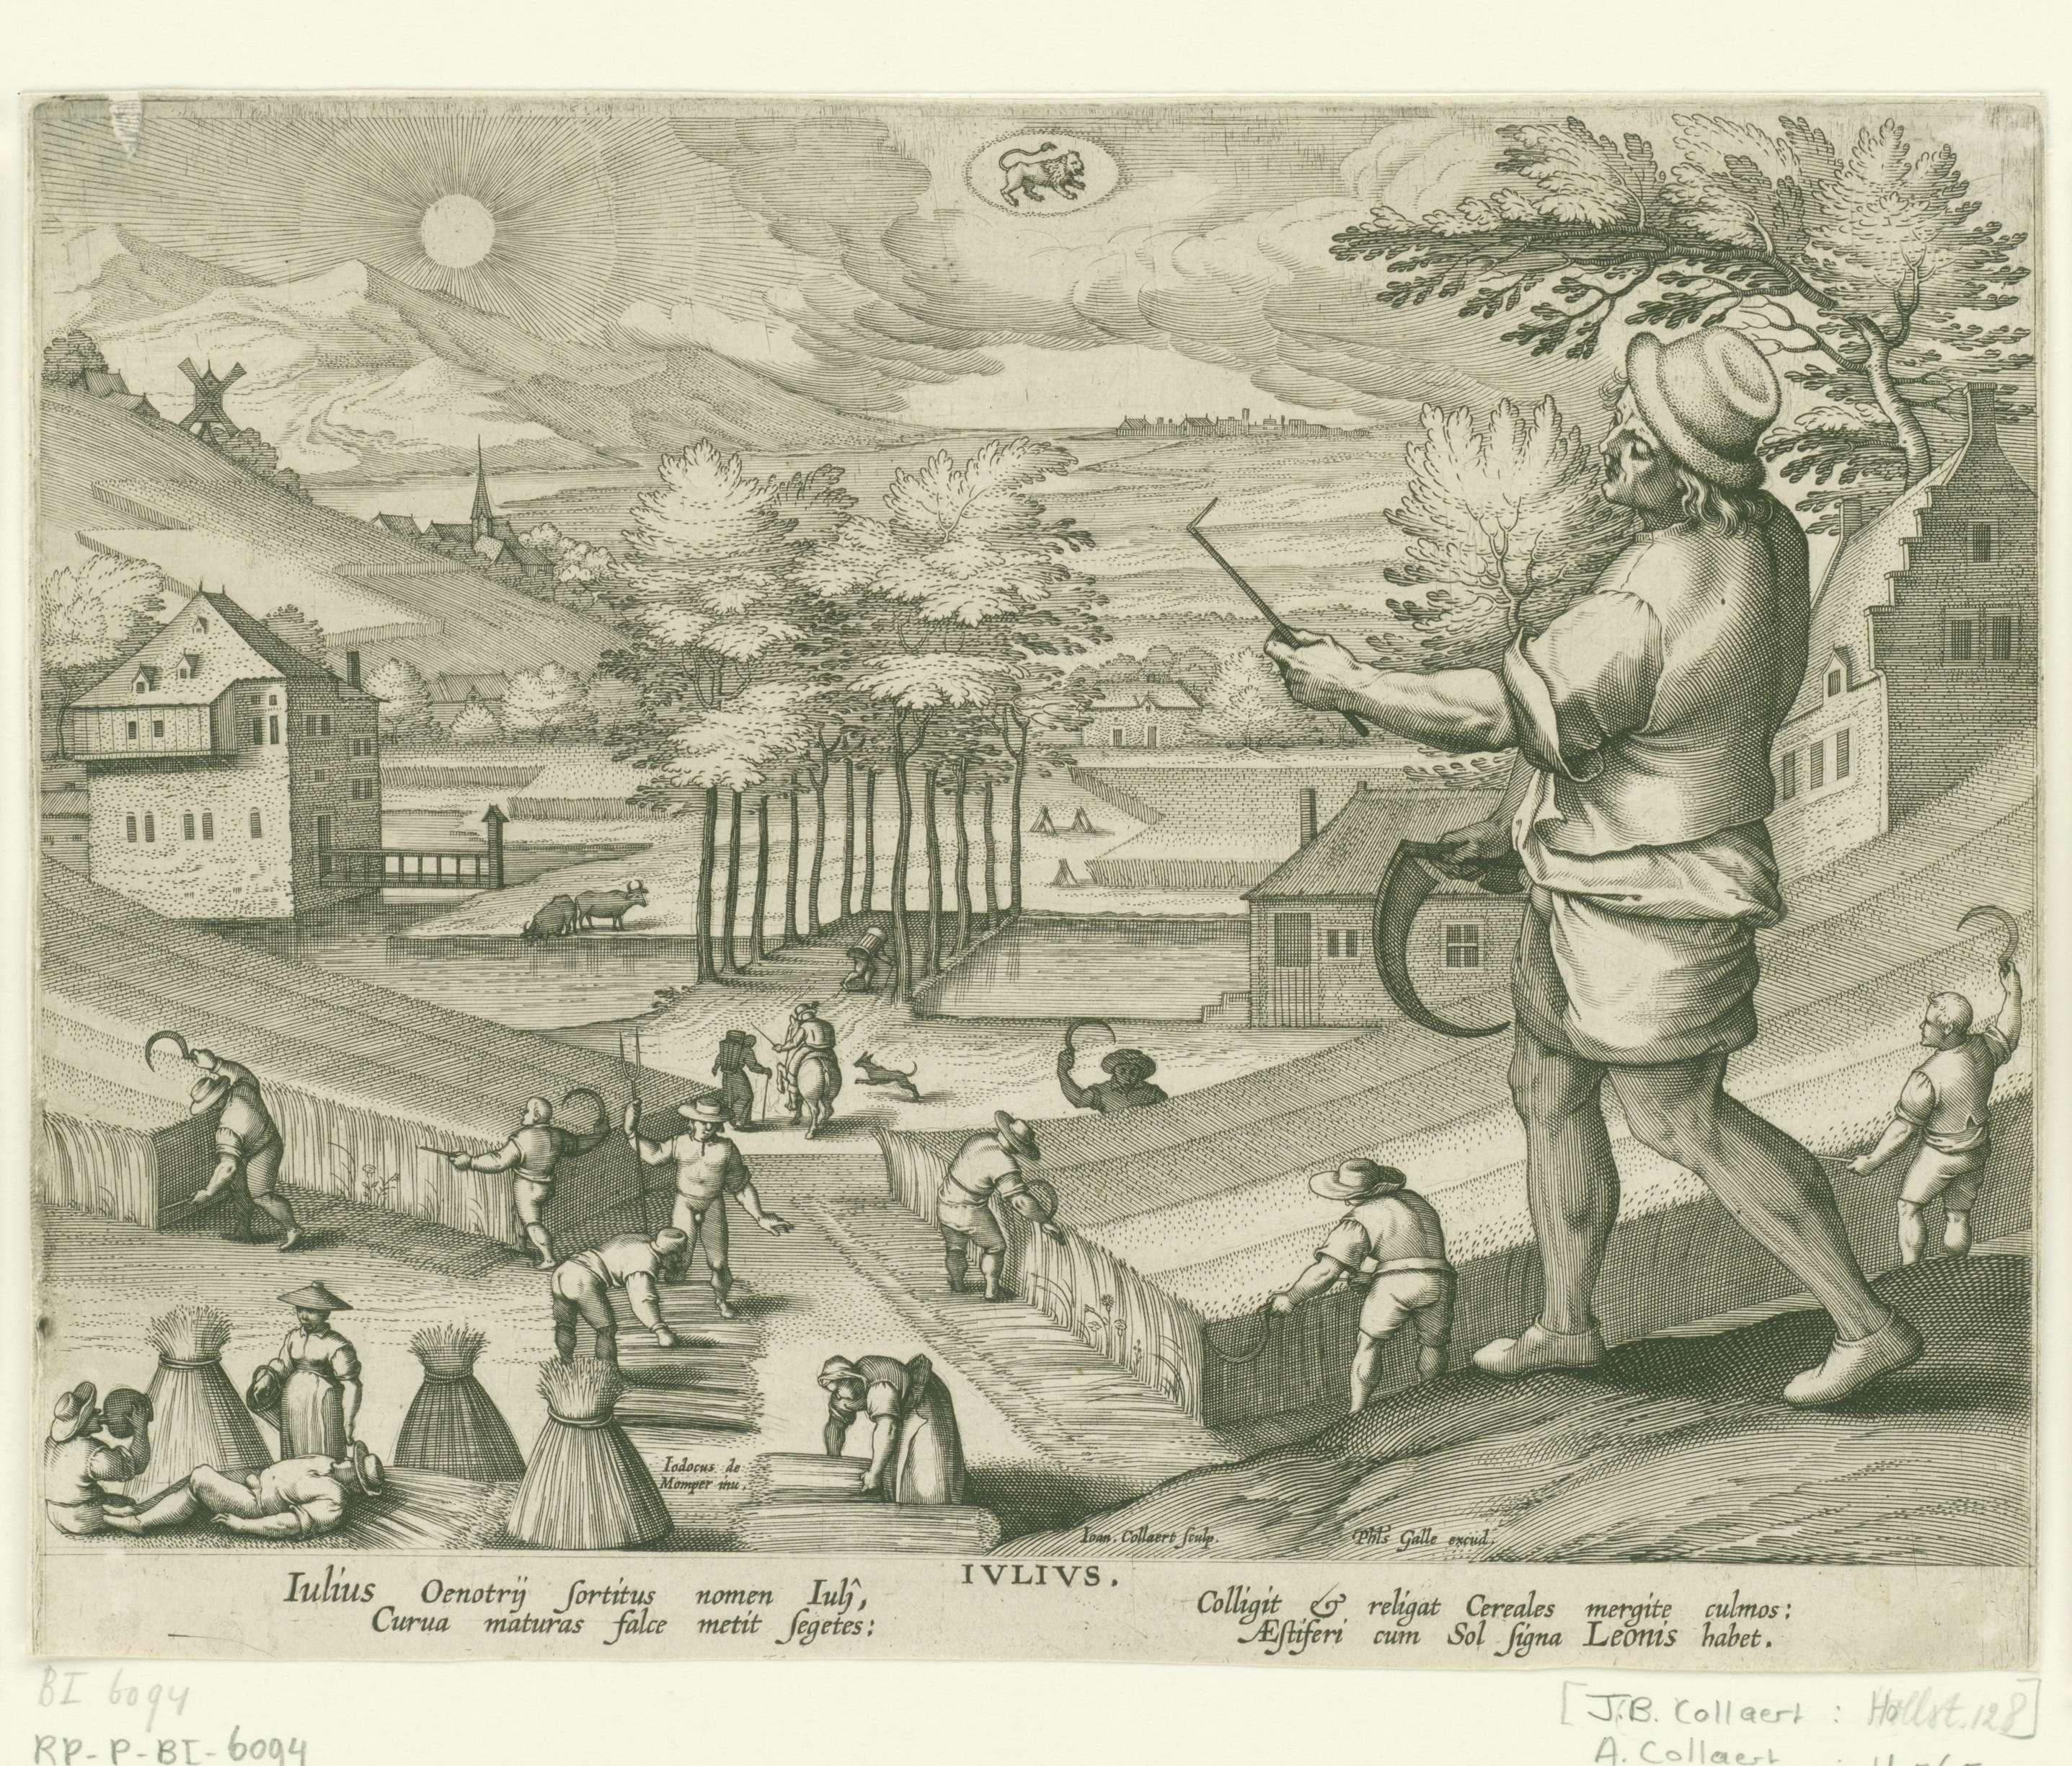 Julius - Jan Collaert (II), Cornelis Kiliaan, Philips Galle, 1586 - 1618